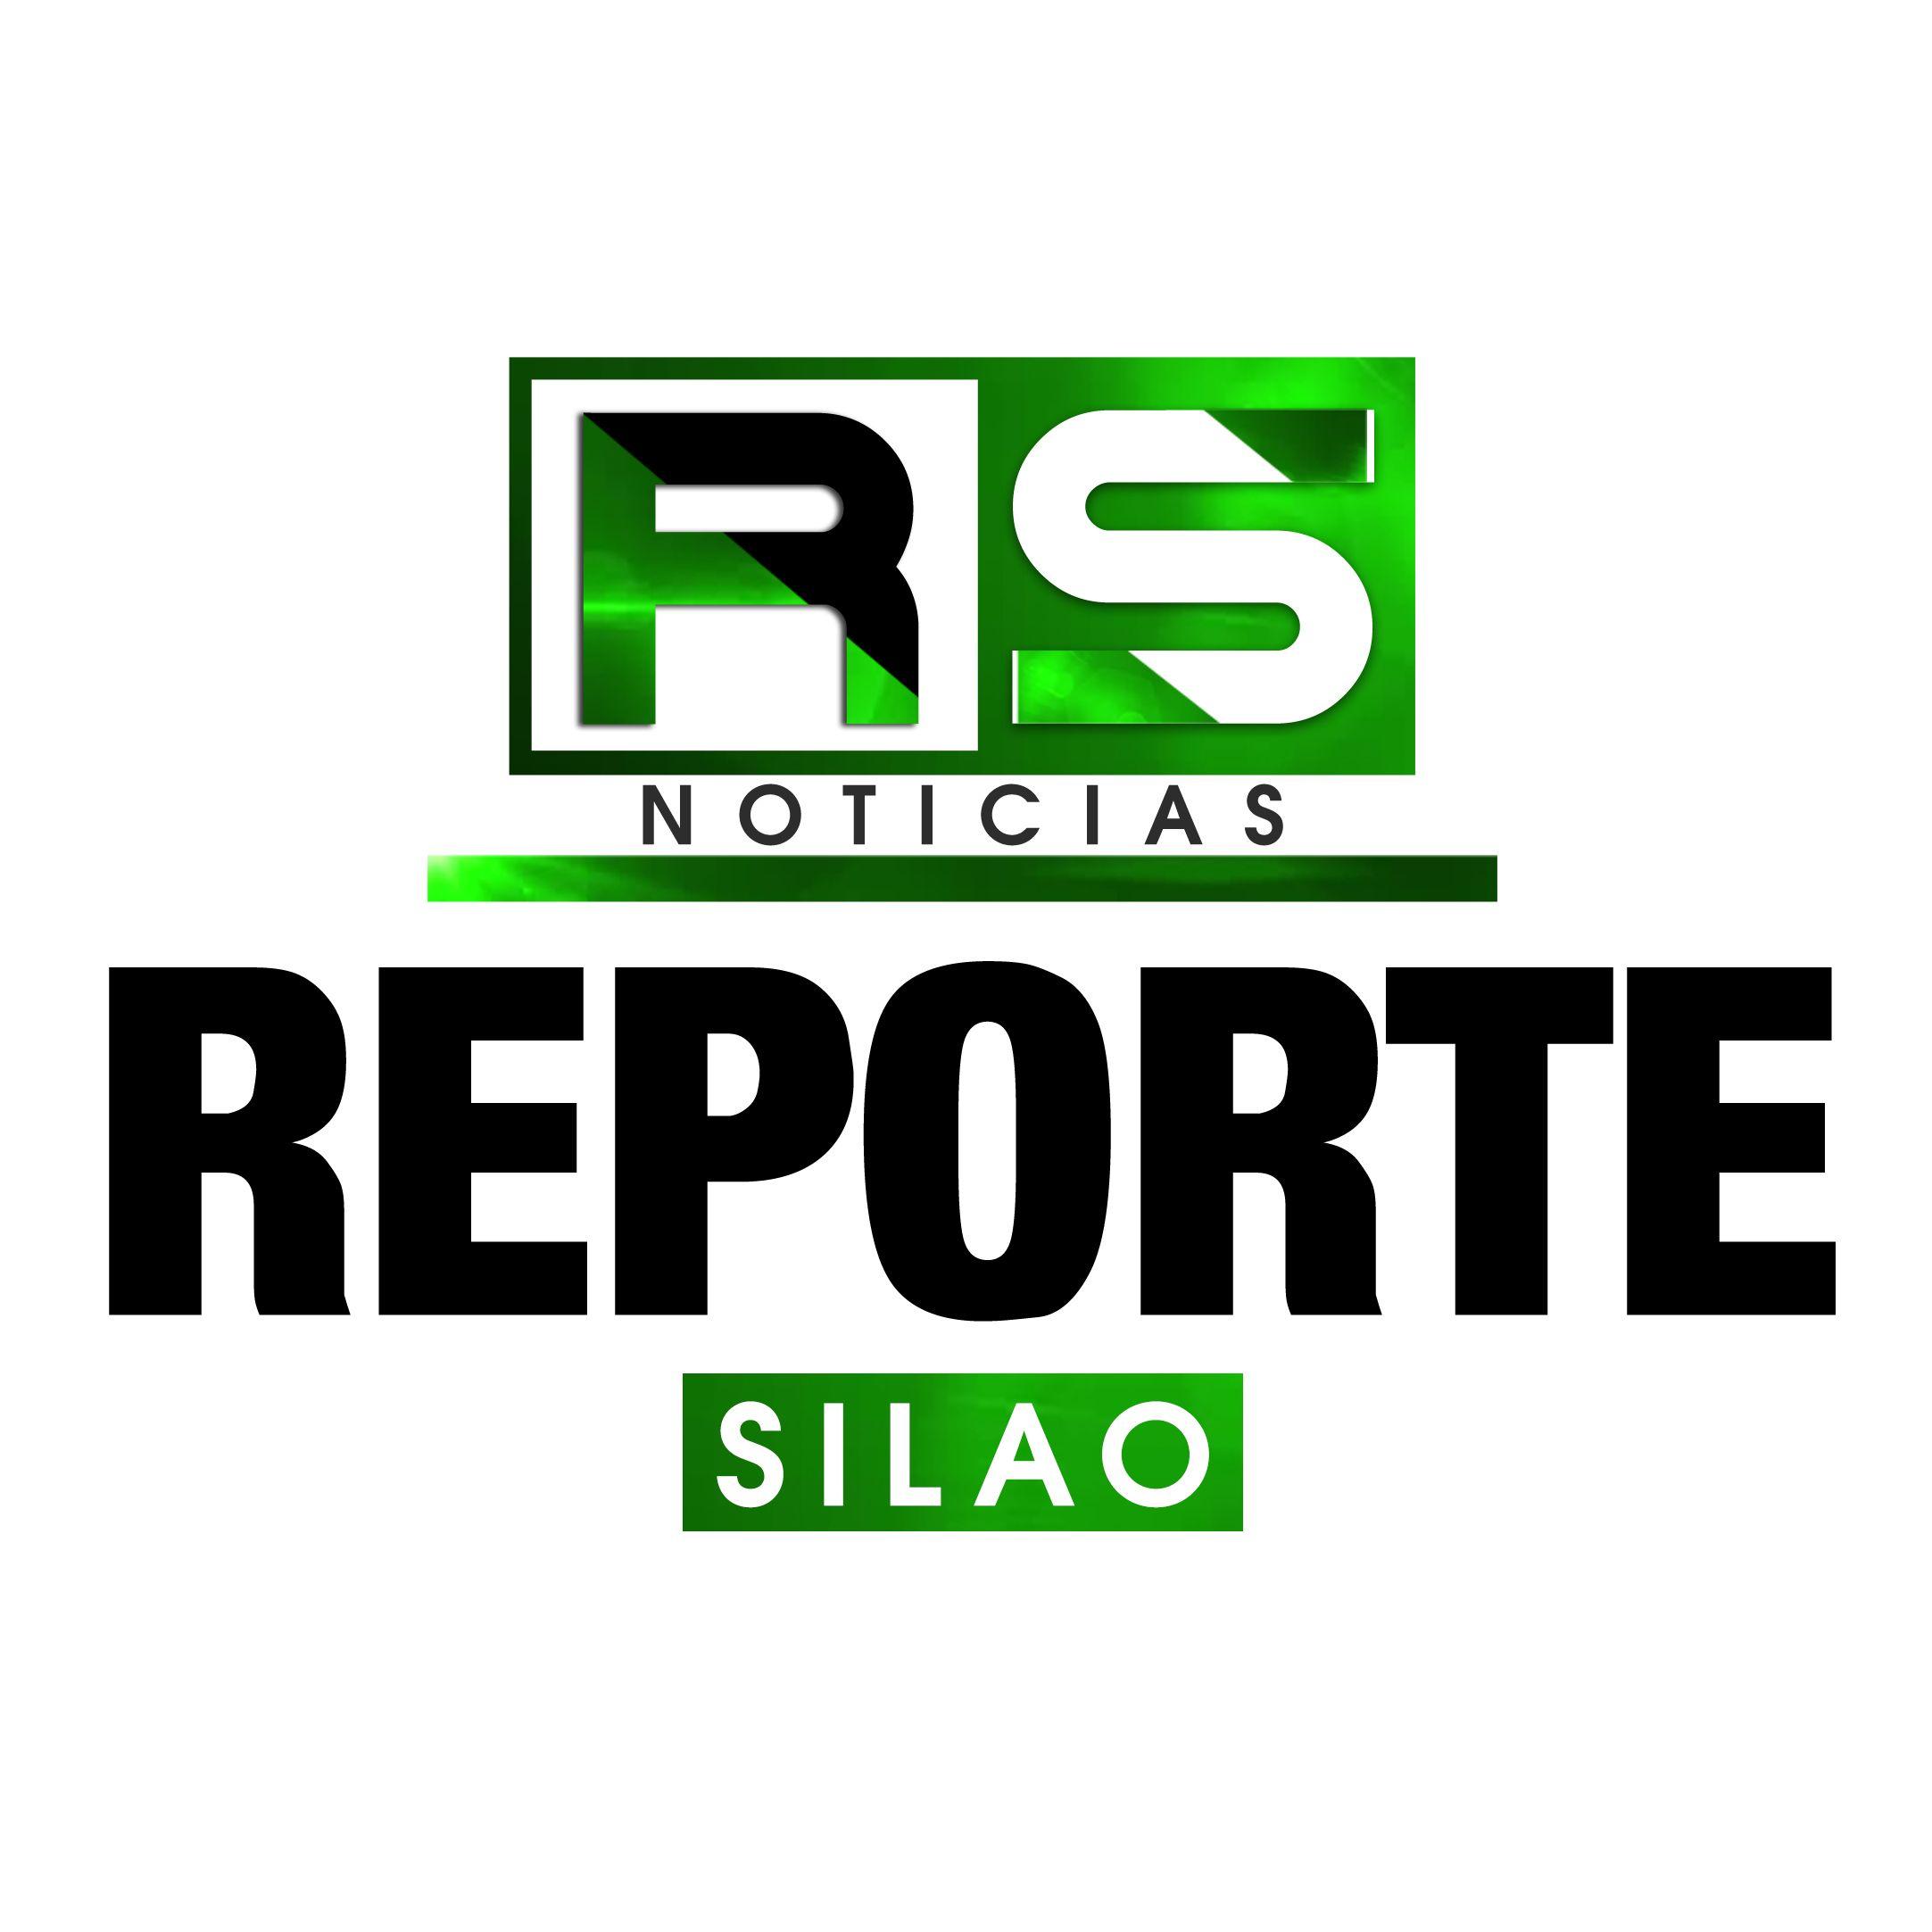 reporte silao